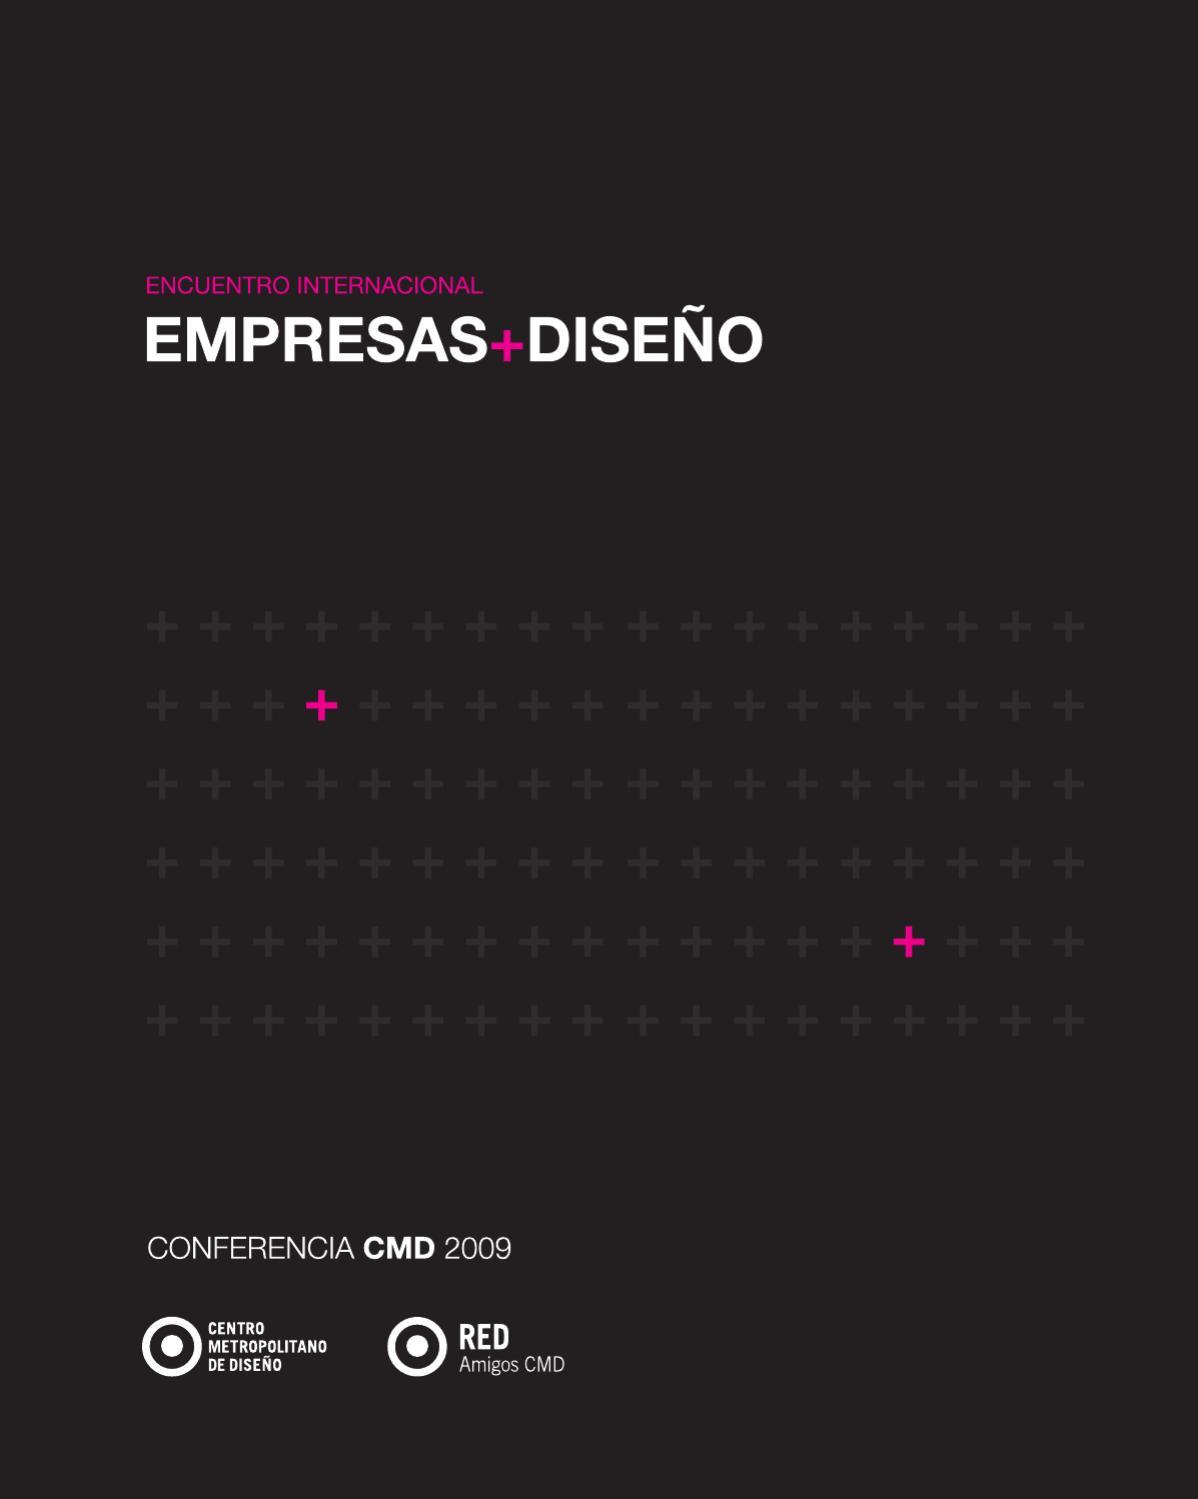 57266a400b95 Conferencia CMD 2009  Empresas + Diseño by Instituto Metropolitano de  Diseño e Innovación - issuu